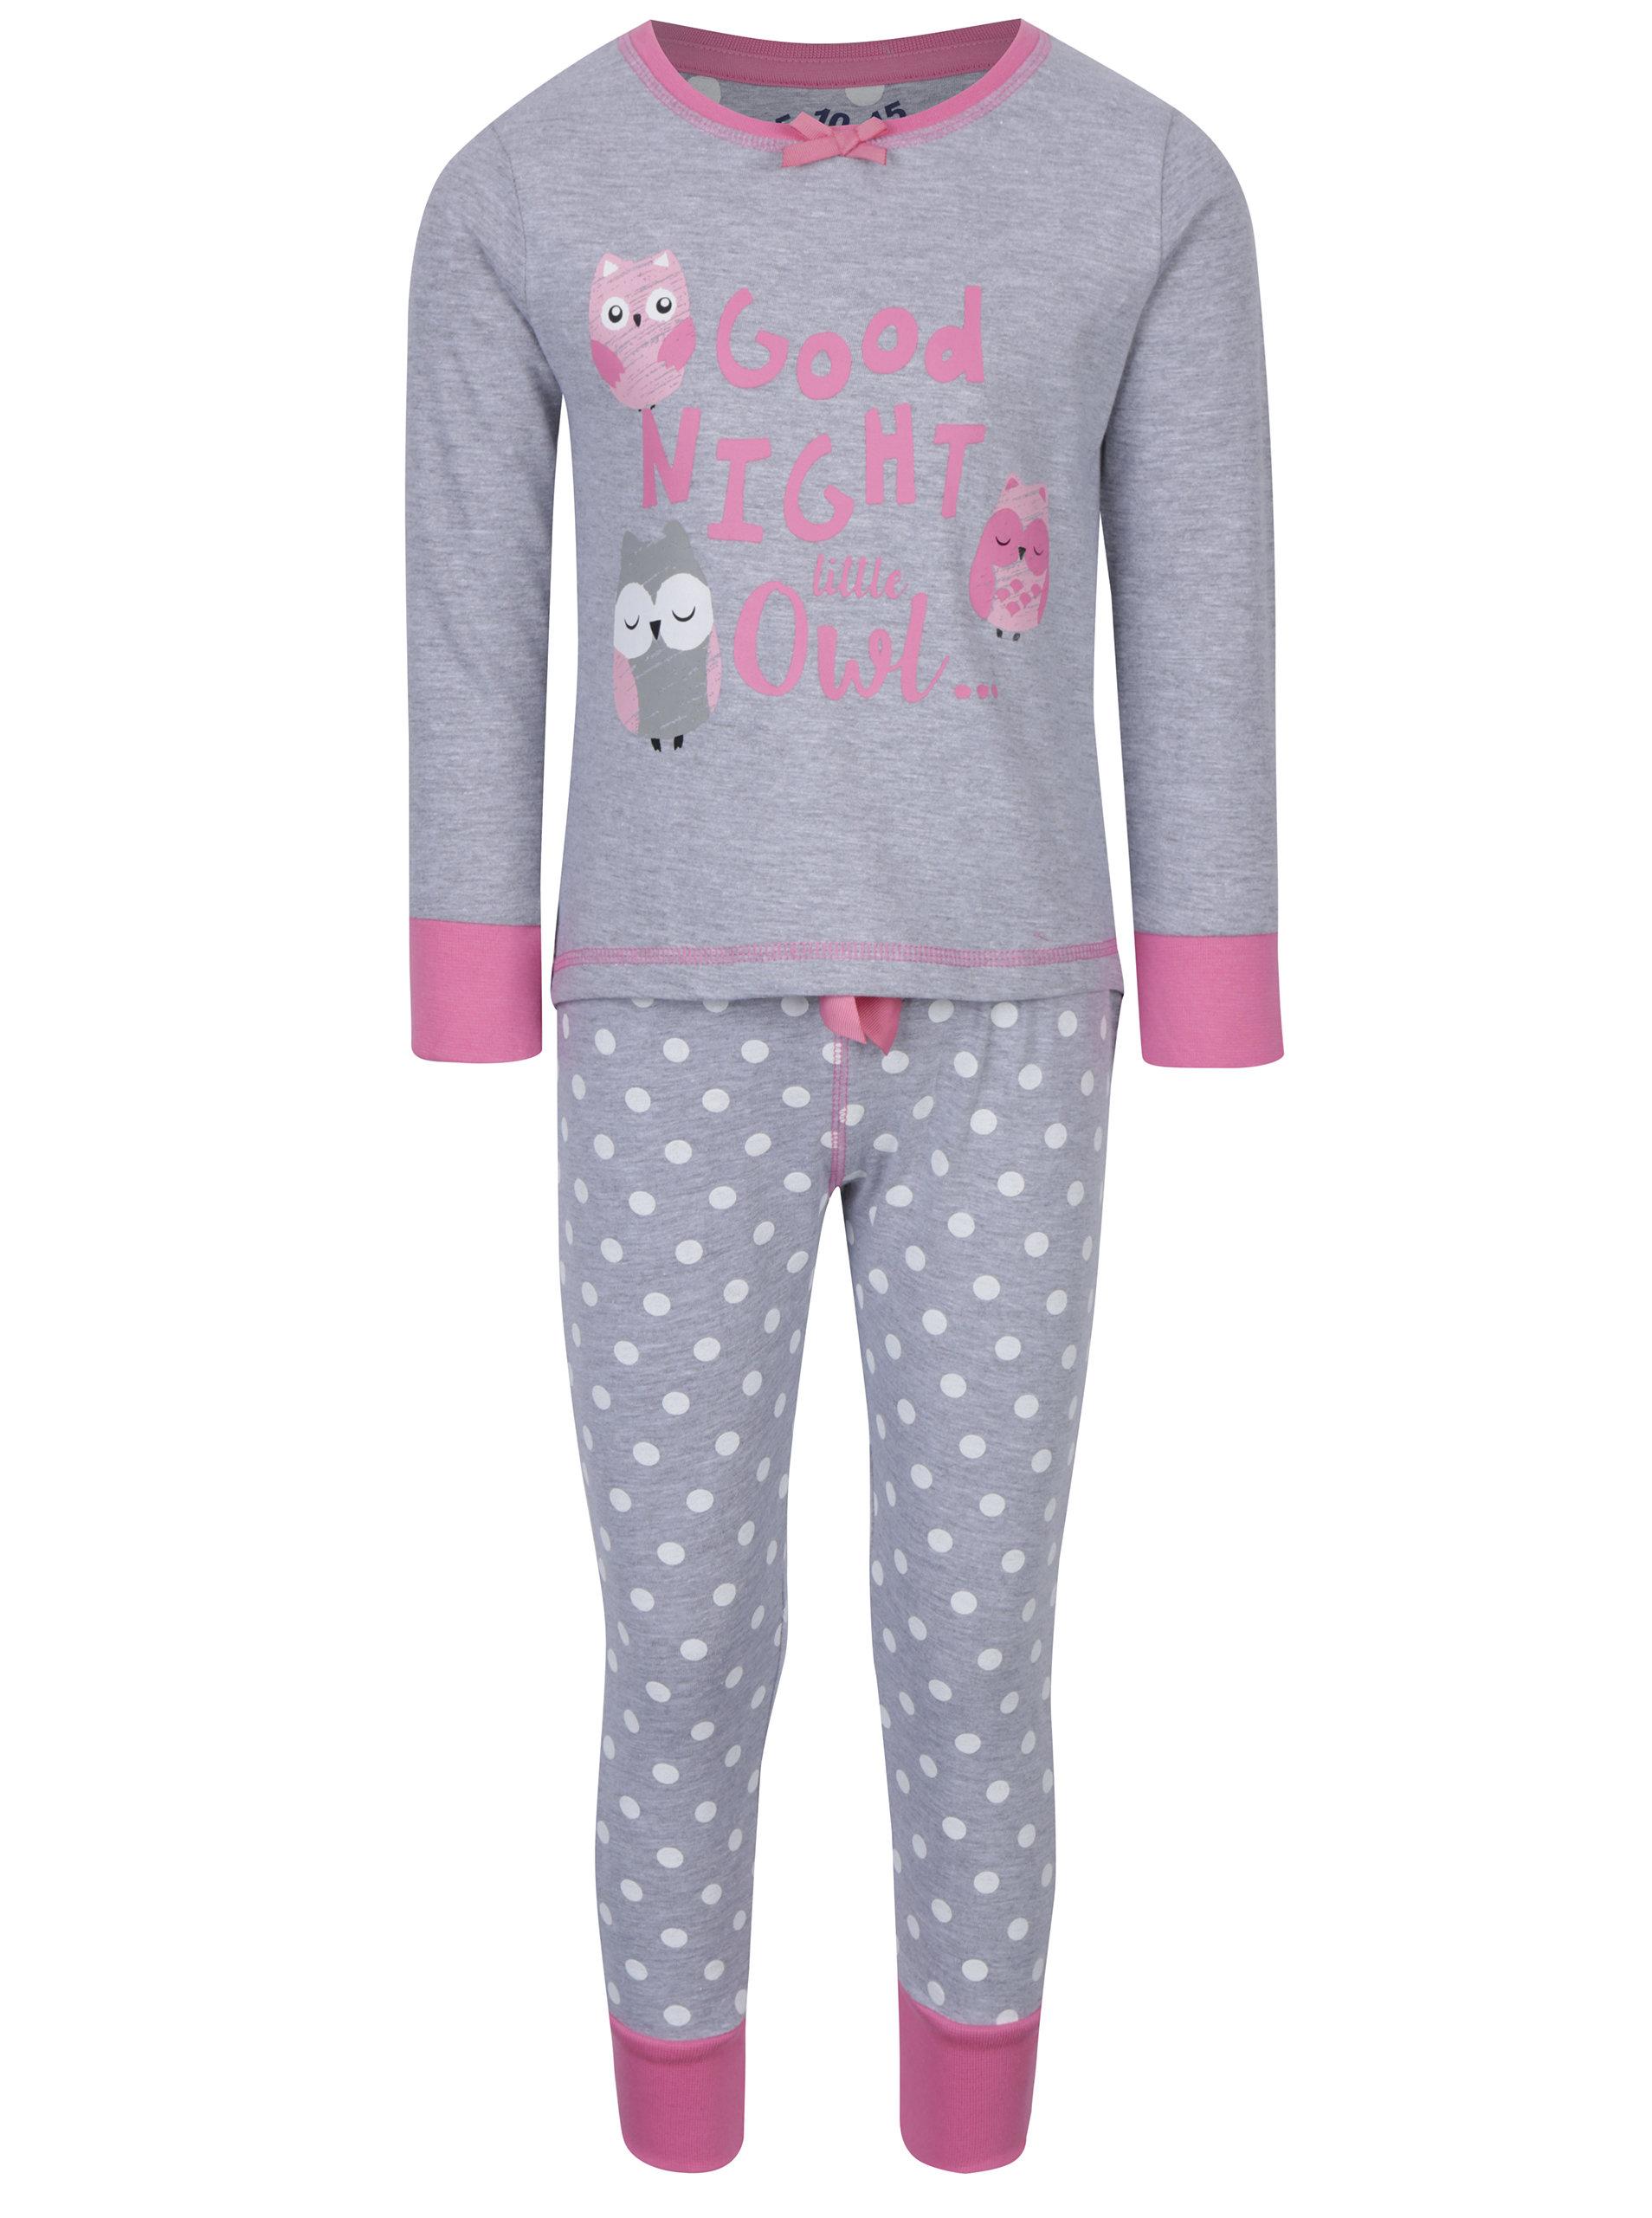 c52522a64 Sivé dievčenské pyžamo s potlačou 5.10.15.   ZOOT.sk